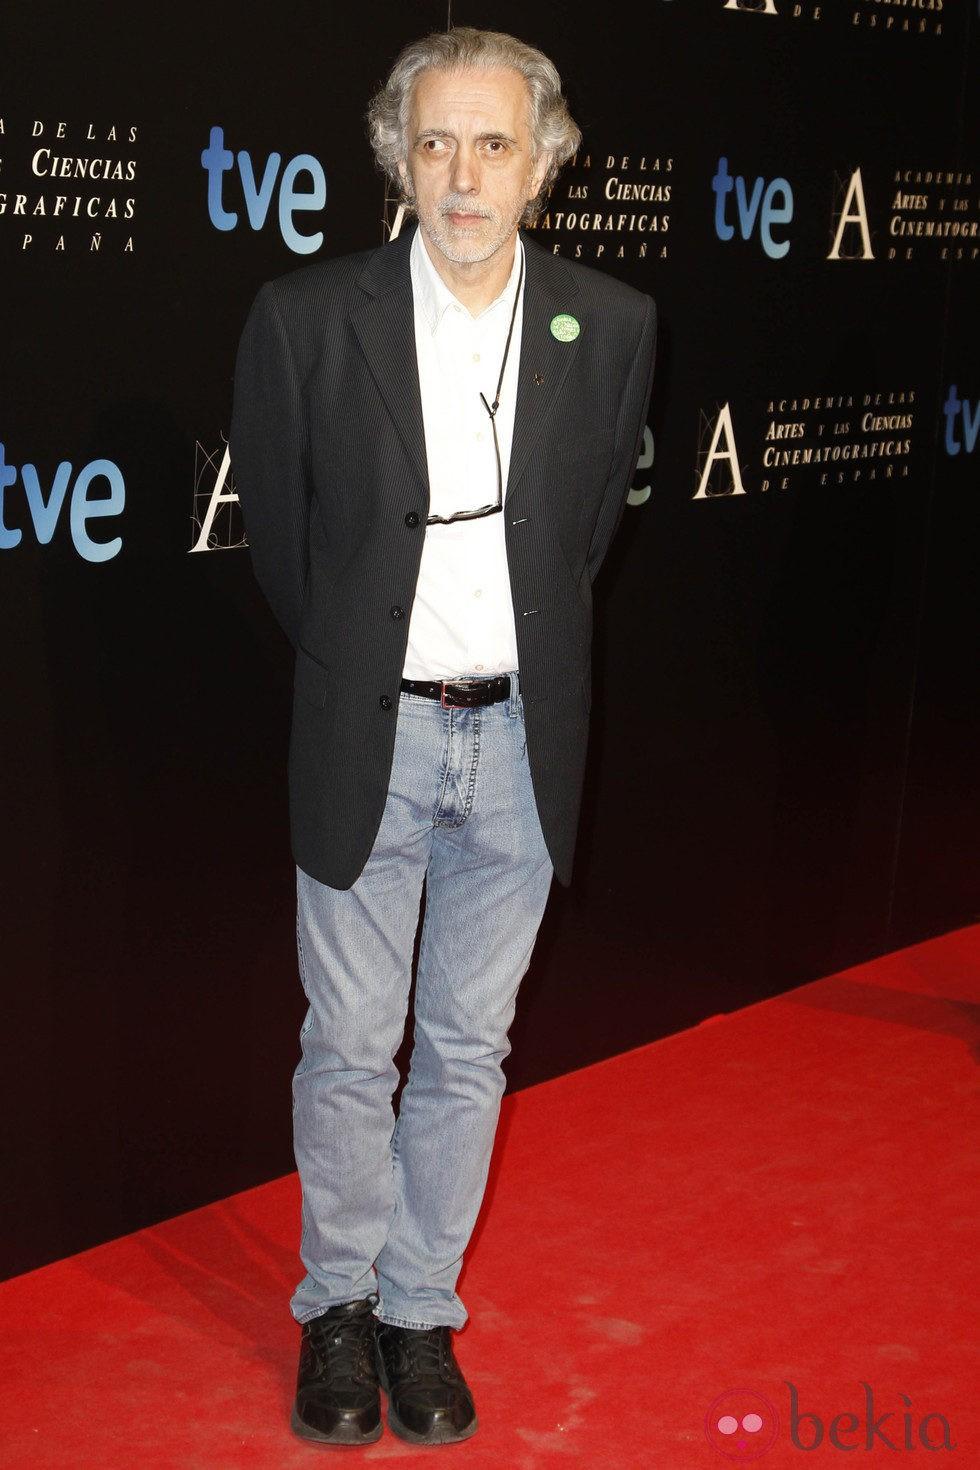 Fernando Trueba en la entrada de la cena de los nominados a los Goya 2013